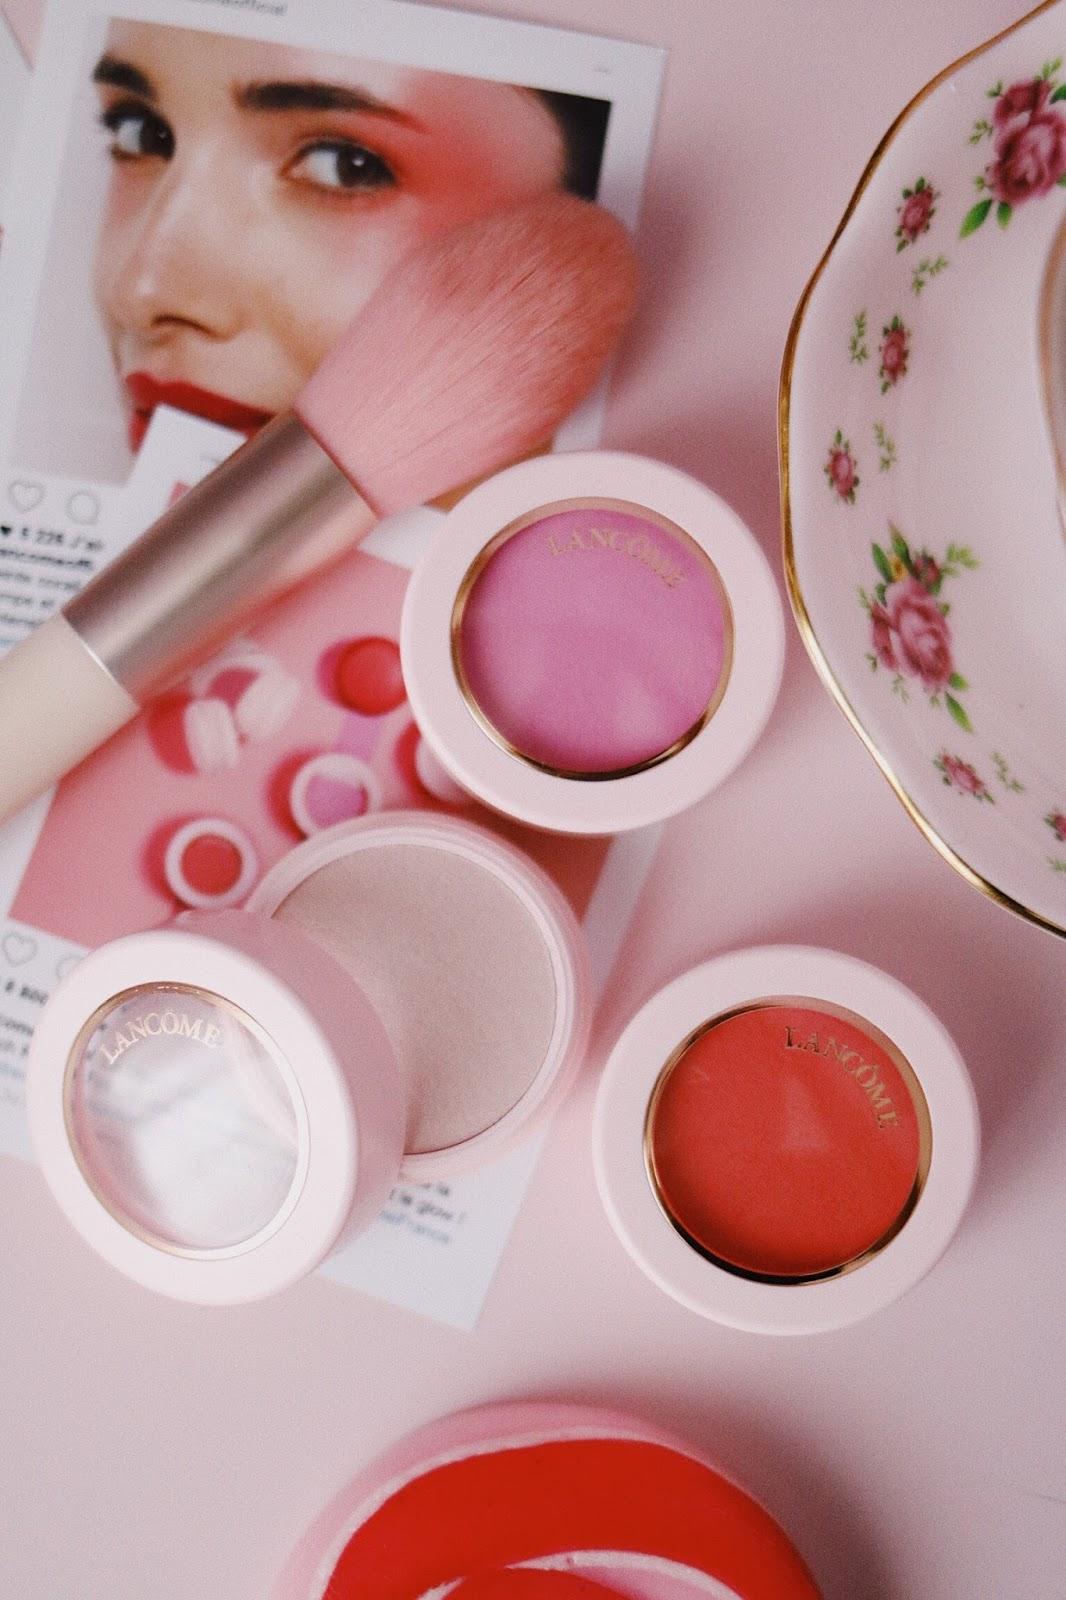 Lancôme , Blush Subtil Crème, Draping , Bonjour Bonheur , Rendez-vous , Je m'appelle Rose , Instatrend , LancômexSephora,Rose Mademoiselle , rosemademoiselle , blog beauté , paris , france , romantique, blush , highlighter,